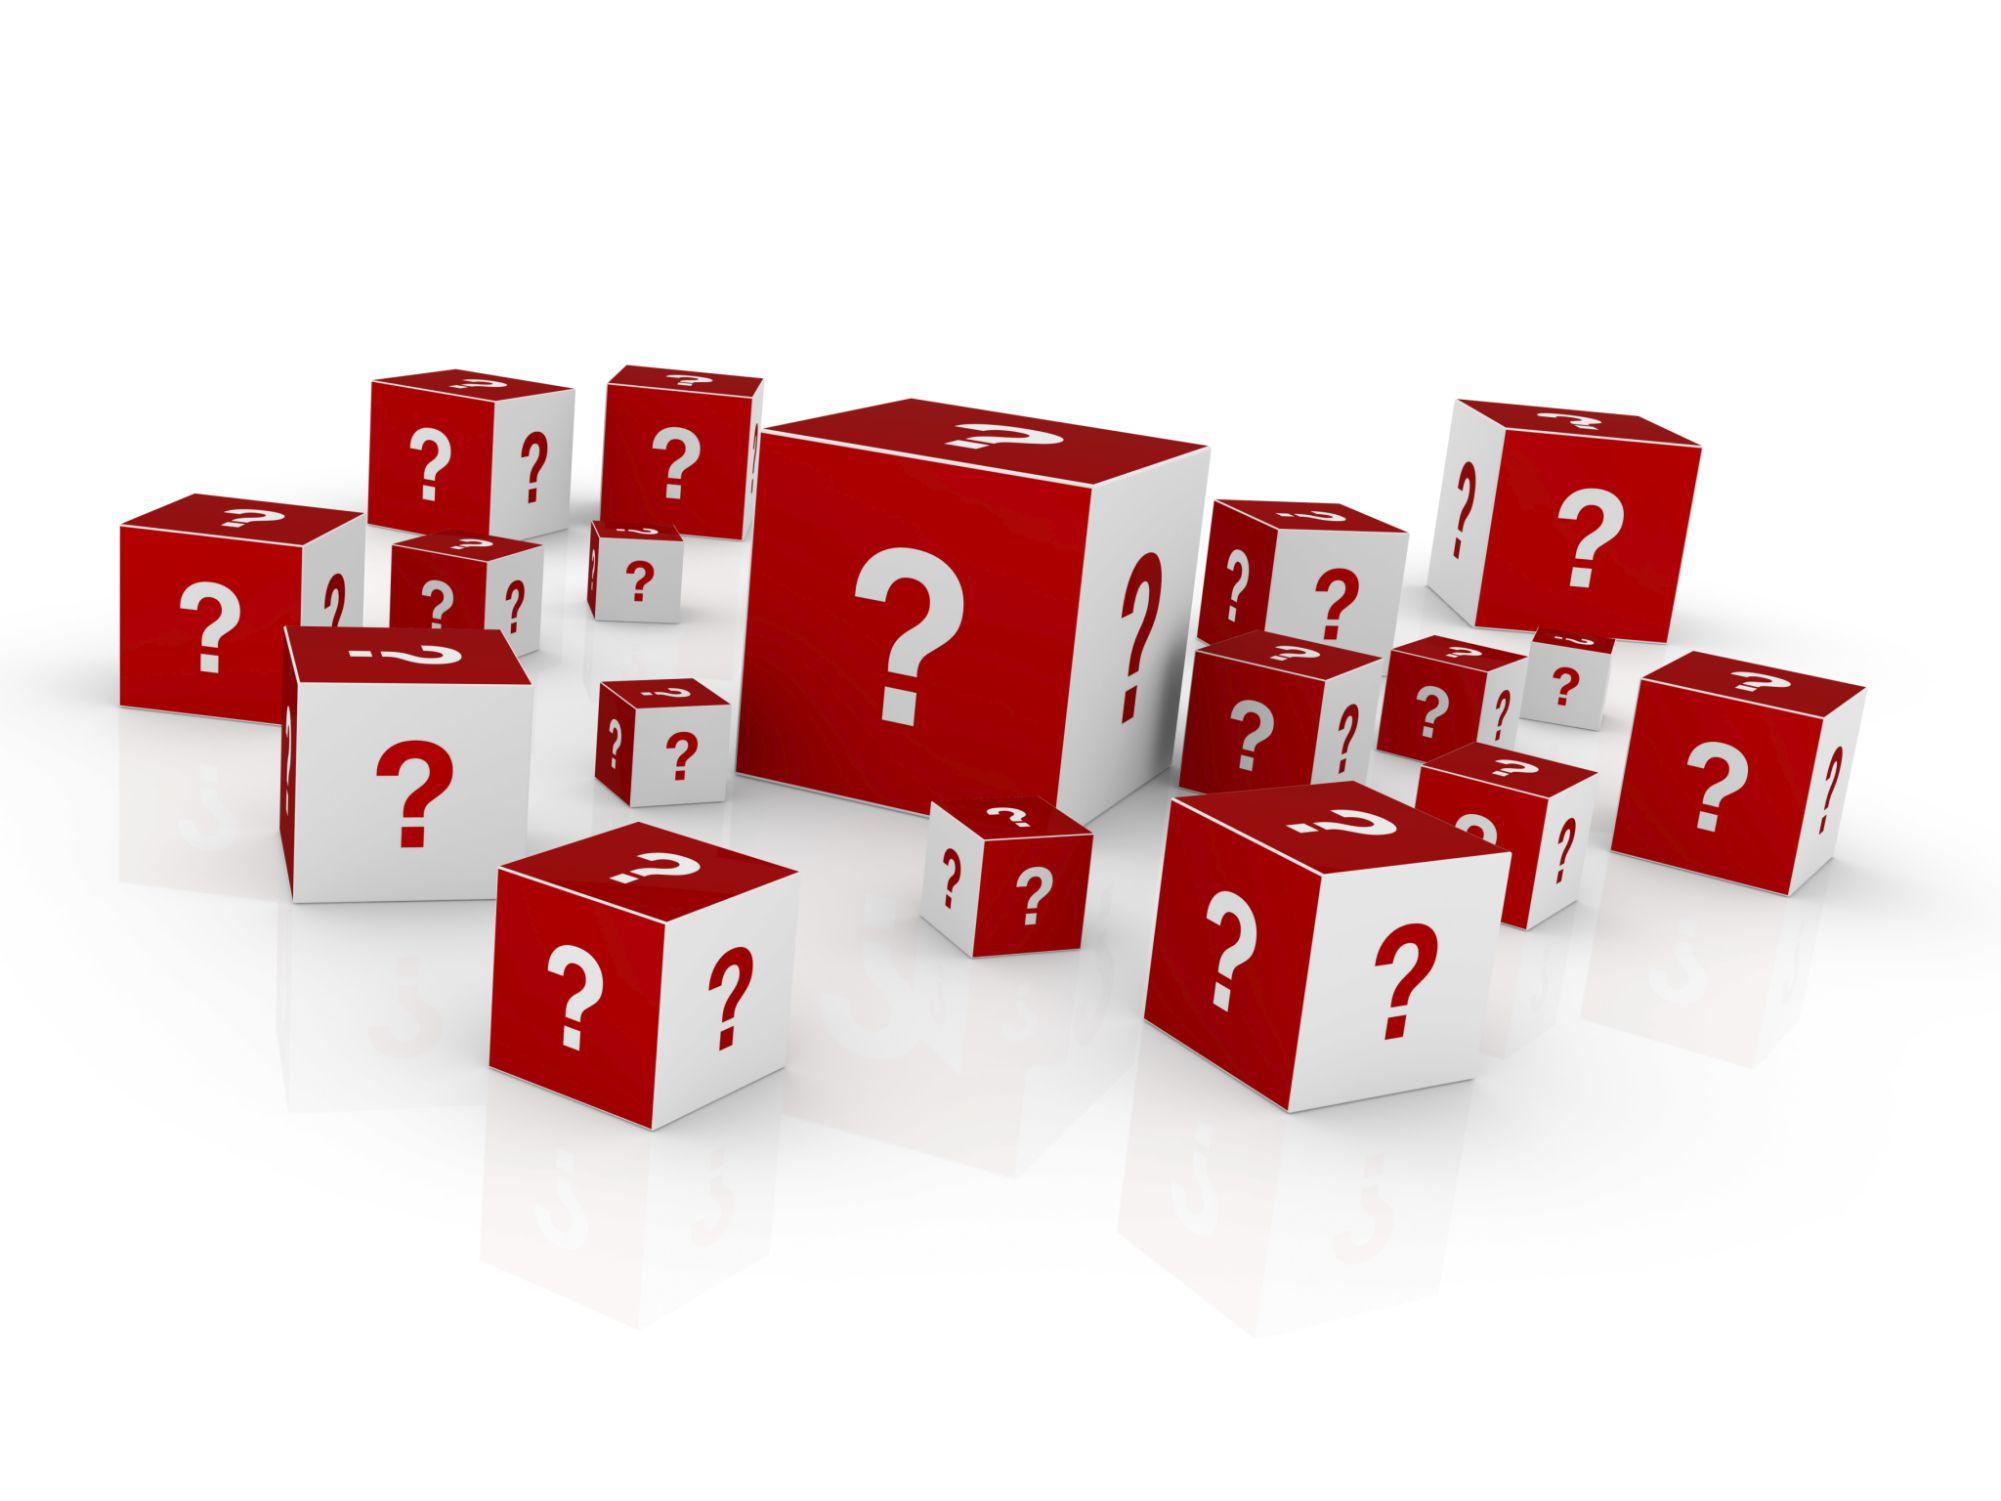 Cubos con símbolos de interrogación